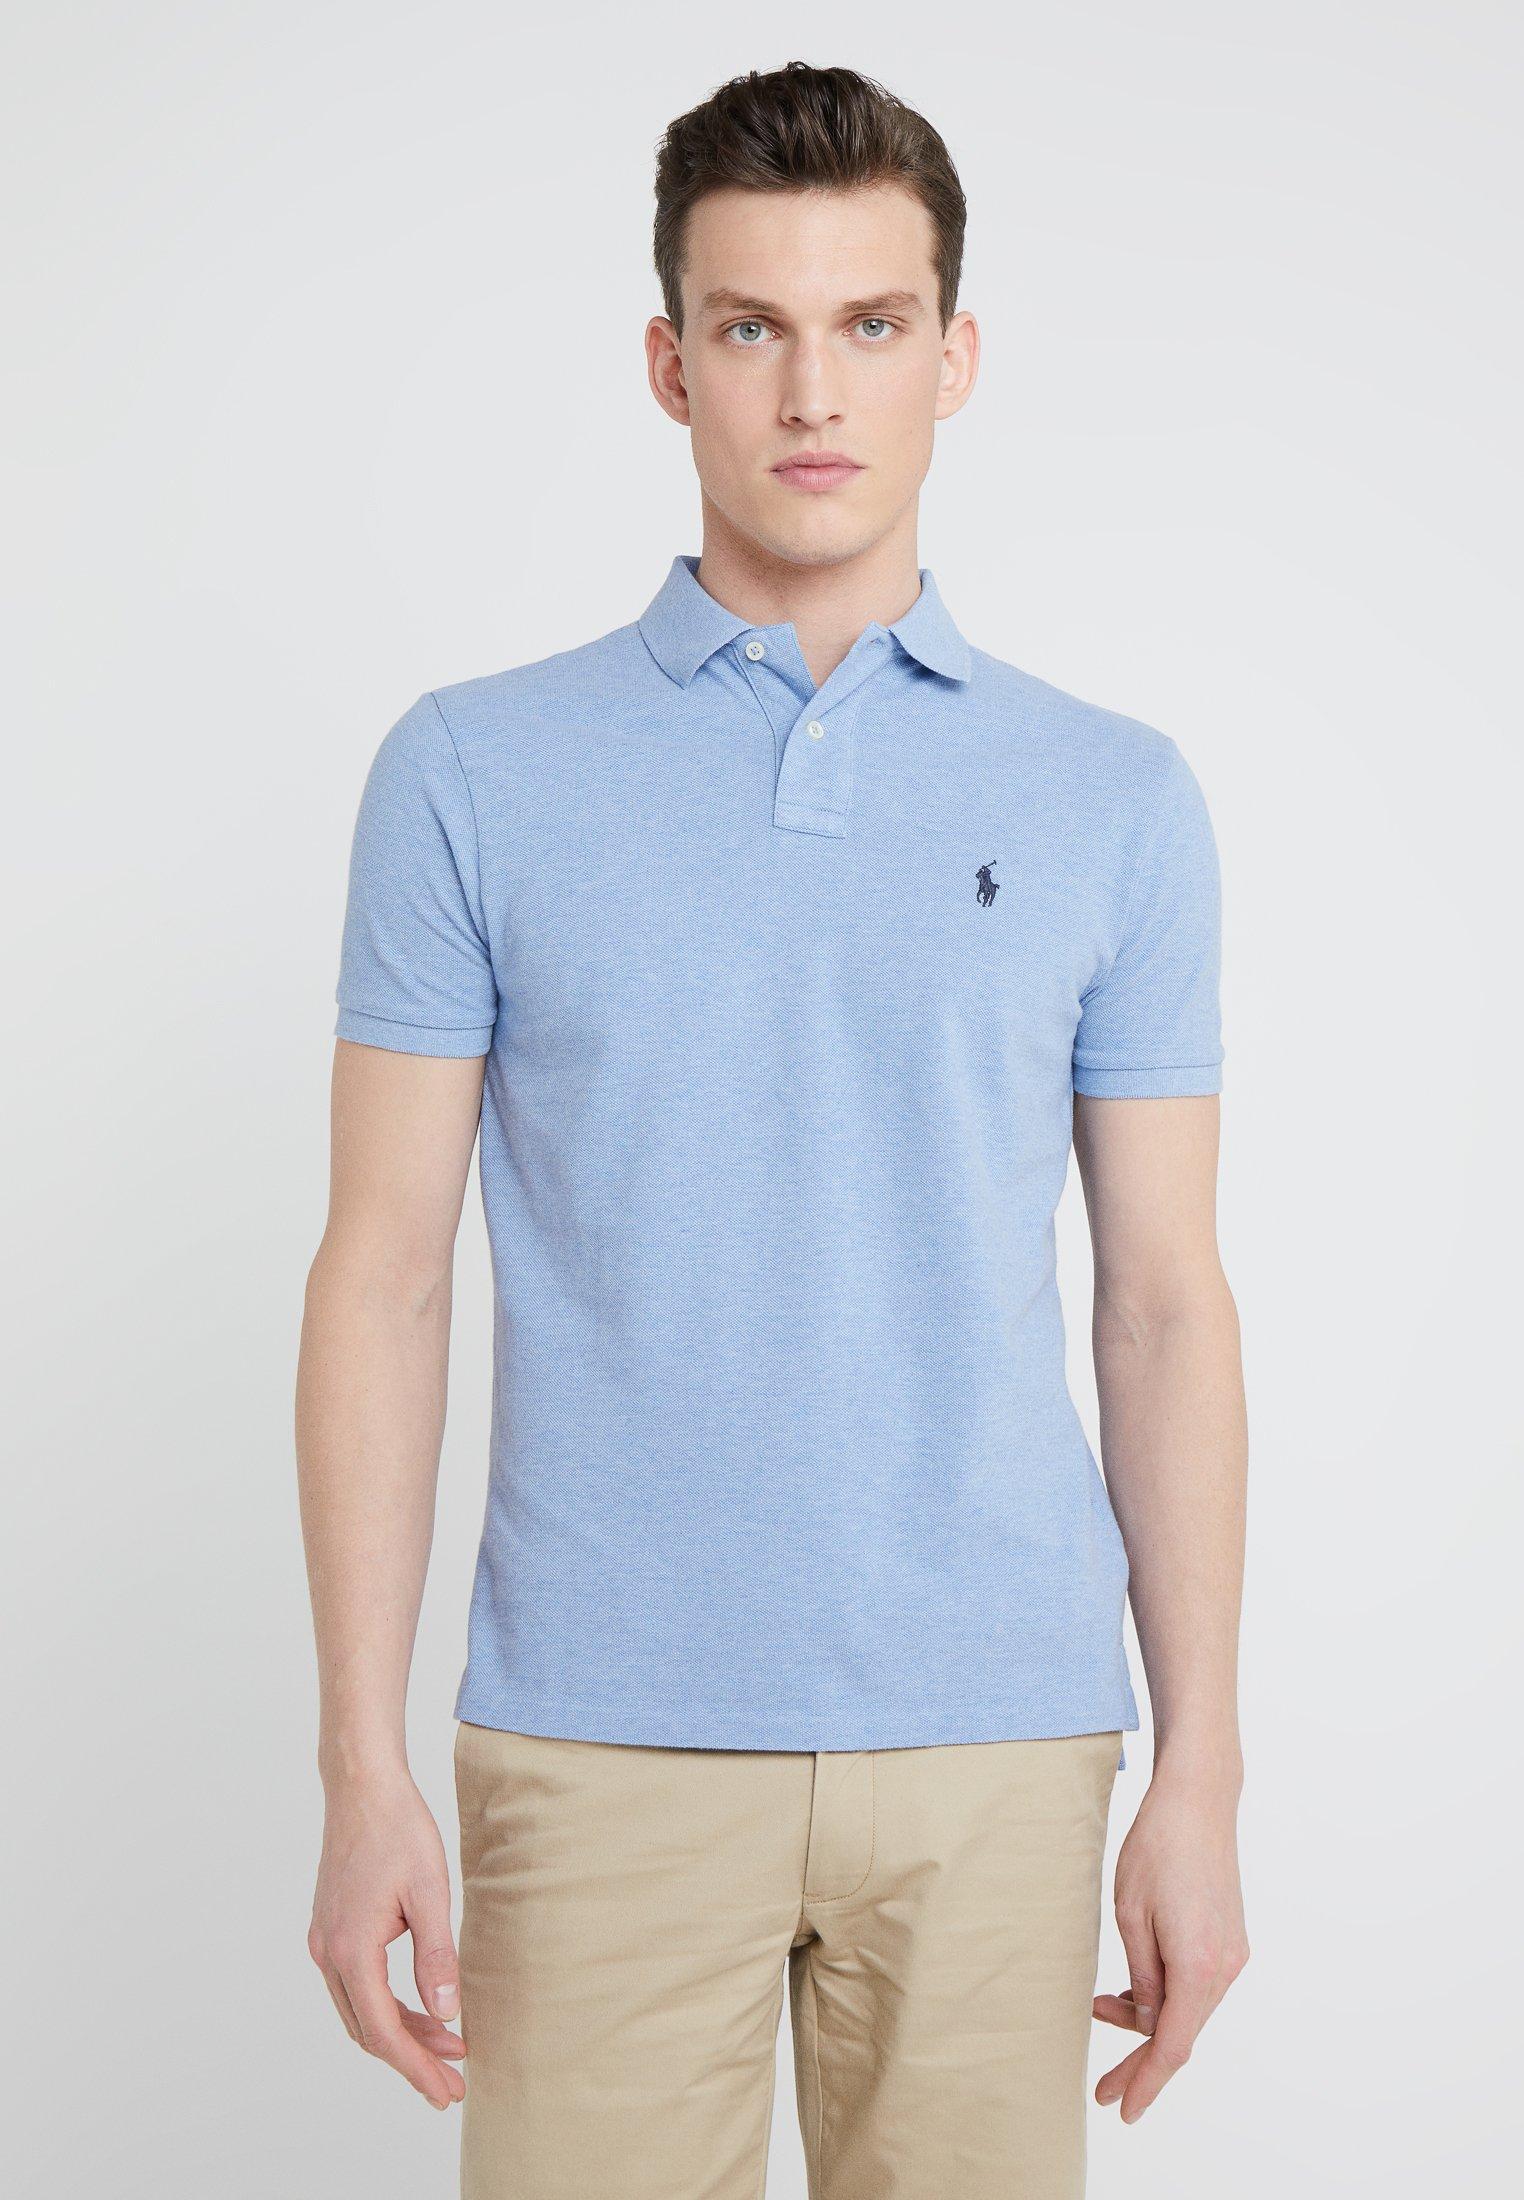 Herrer BASIC  - Poloshirts